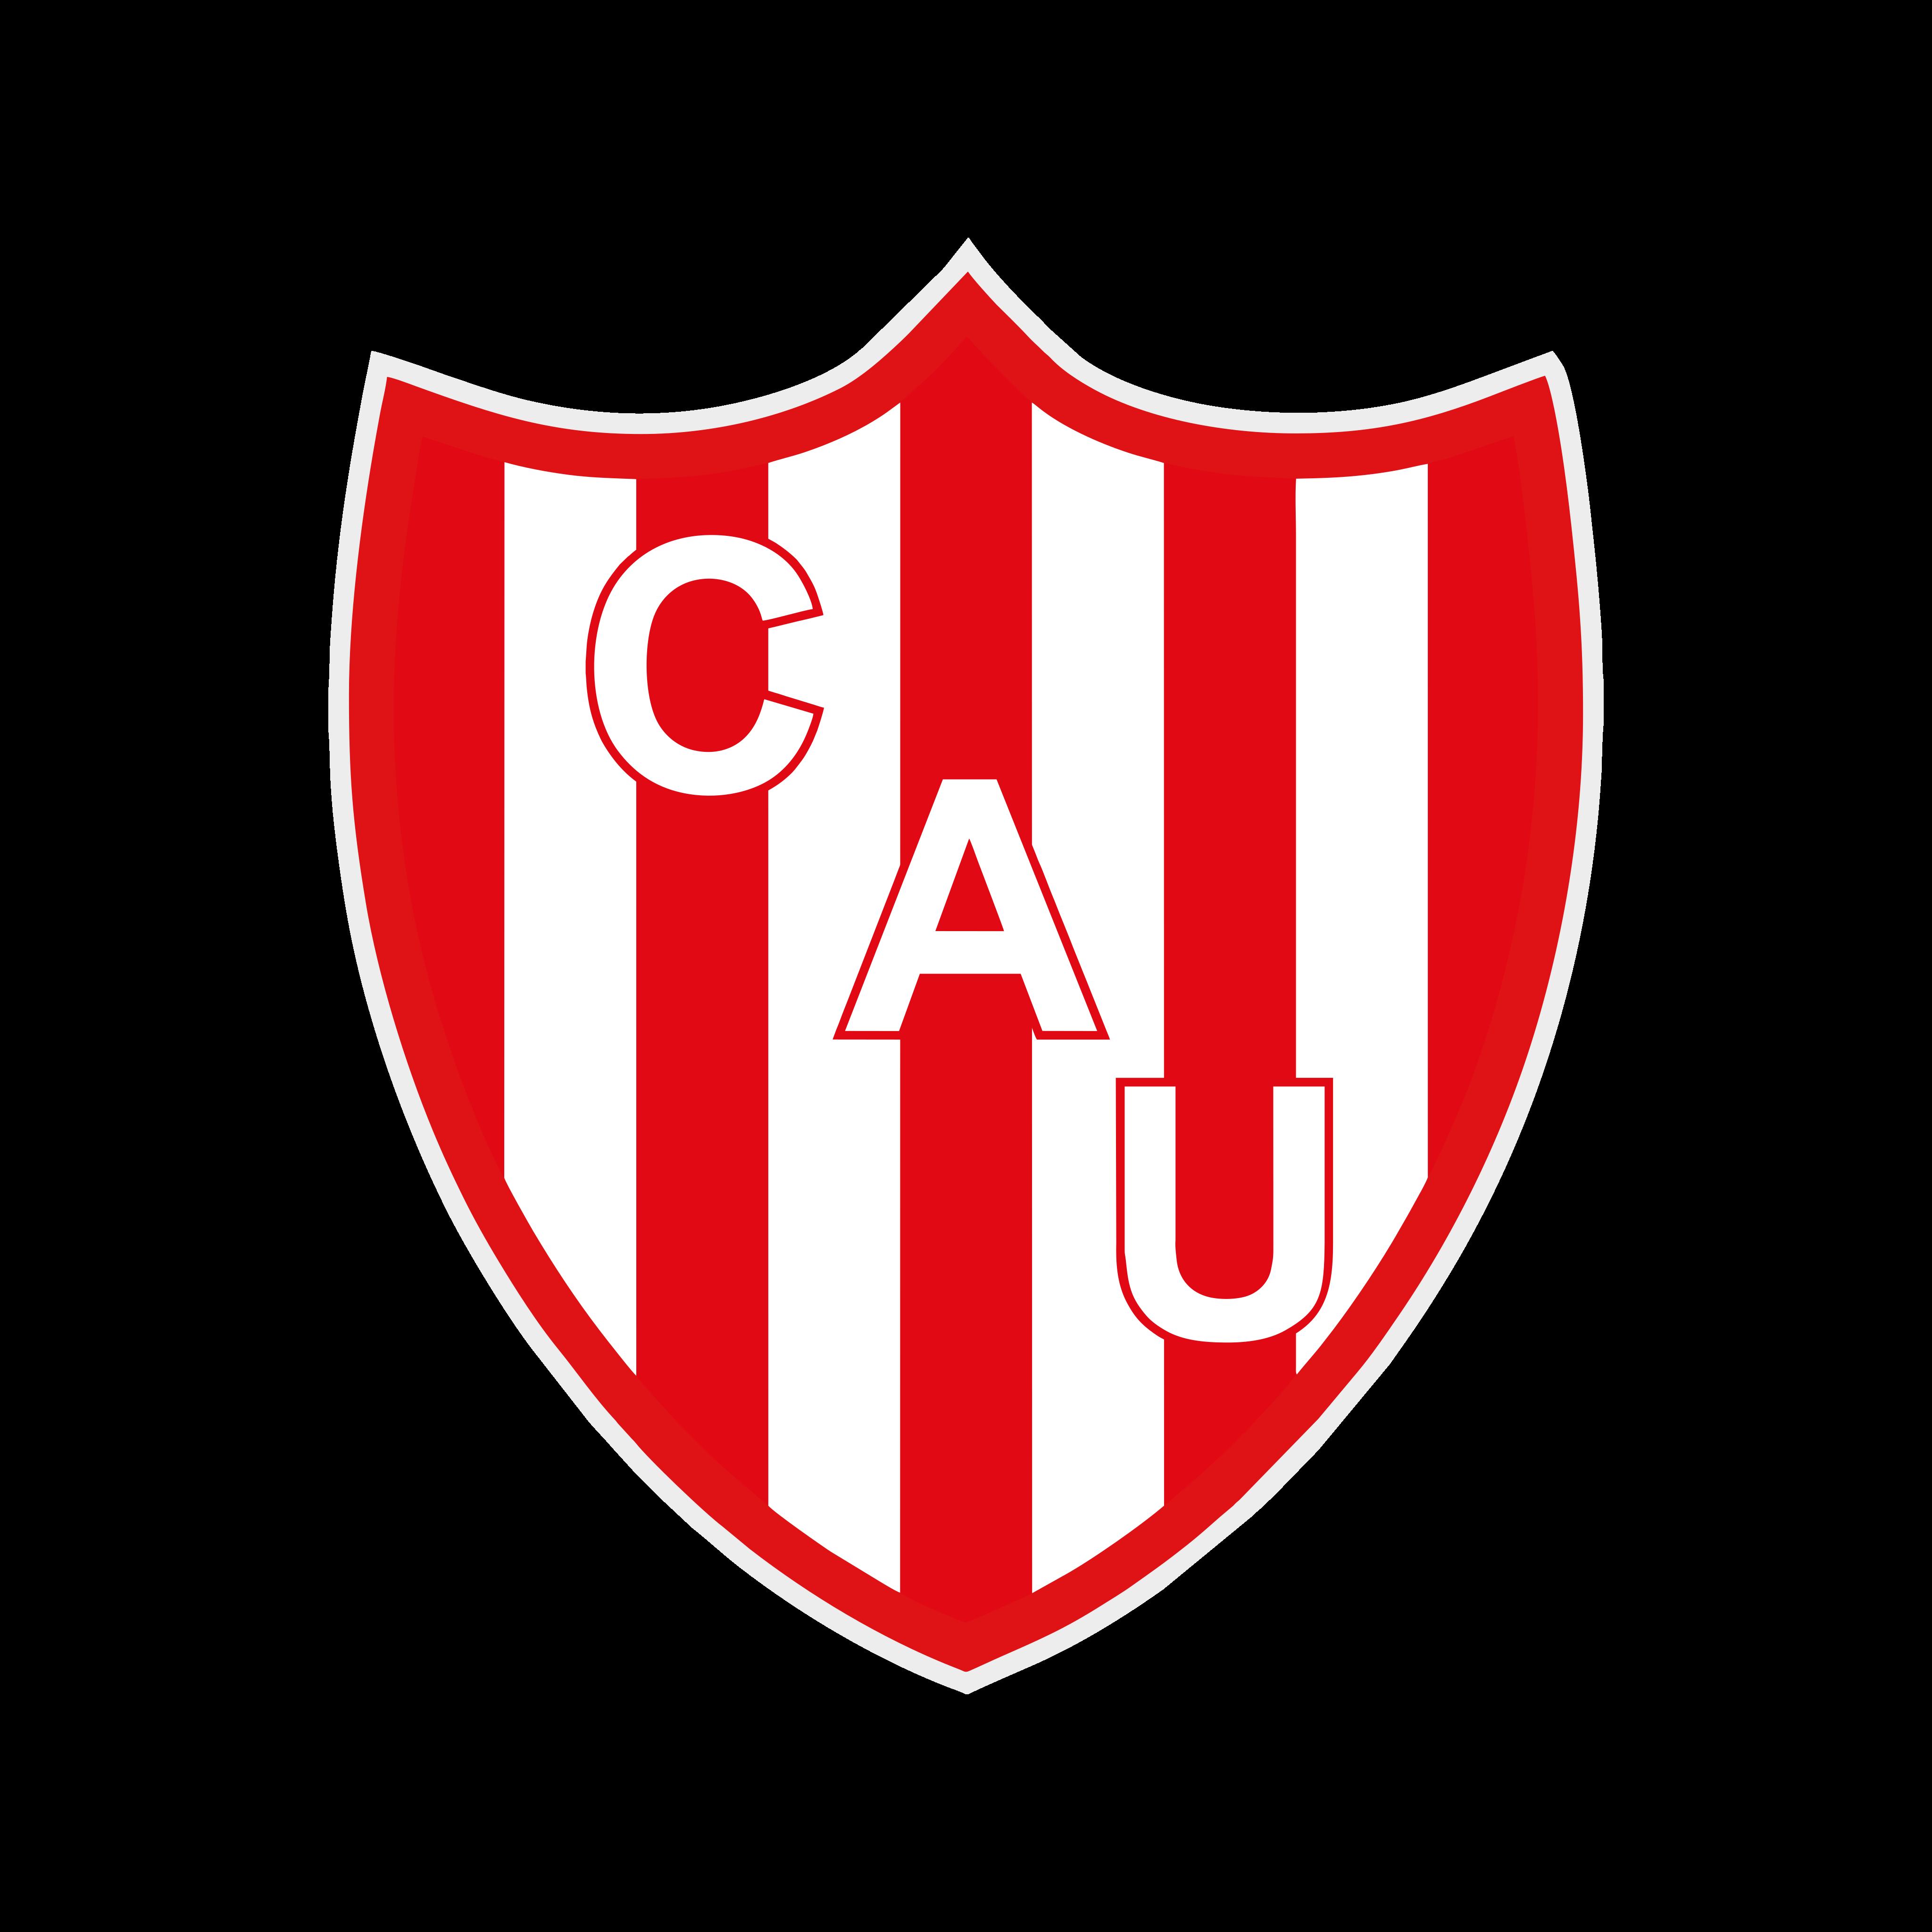 ca union logo 0 - Club Atlético Unión Logo